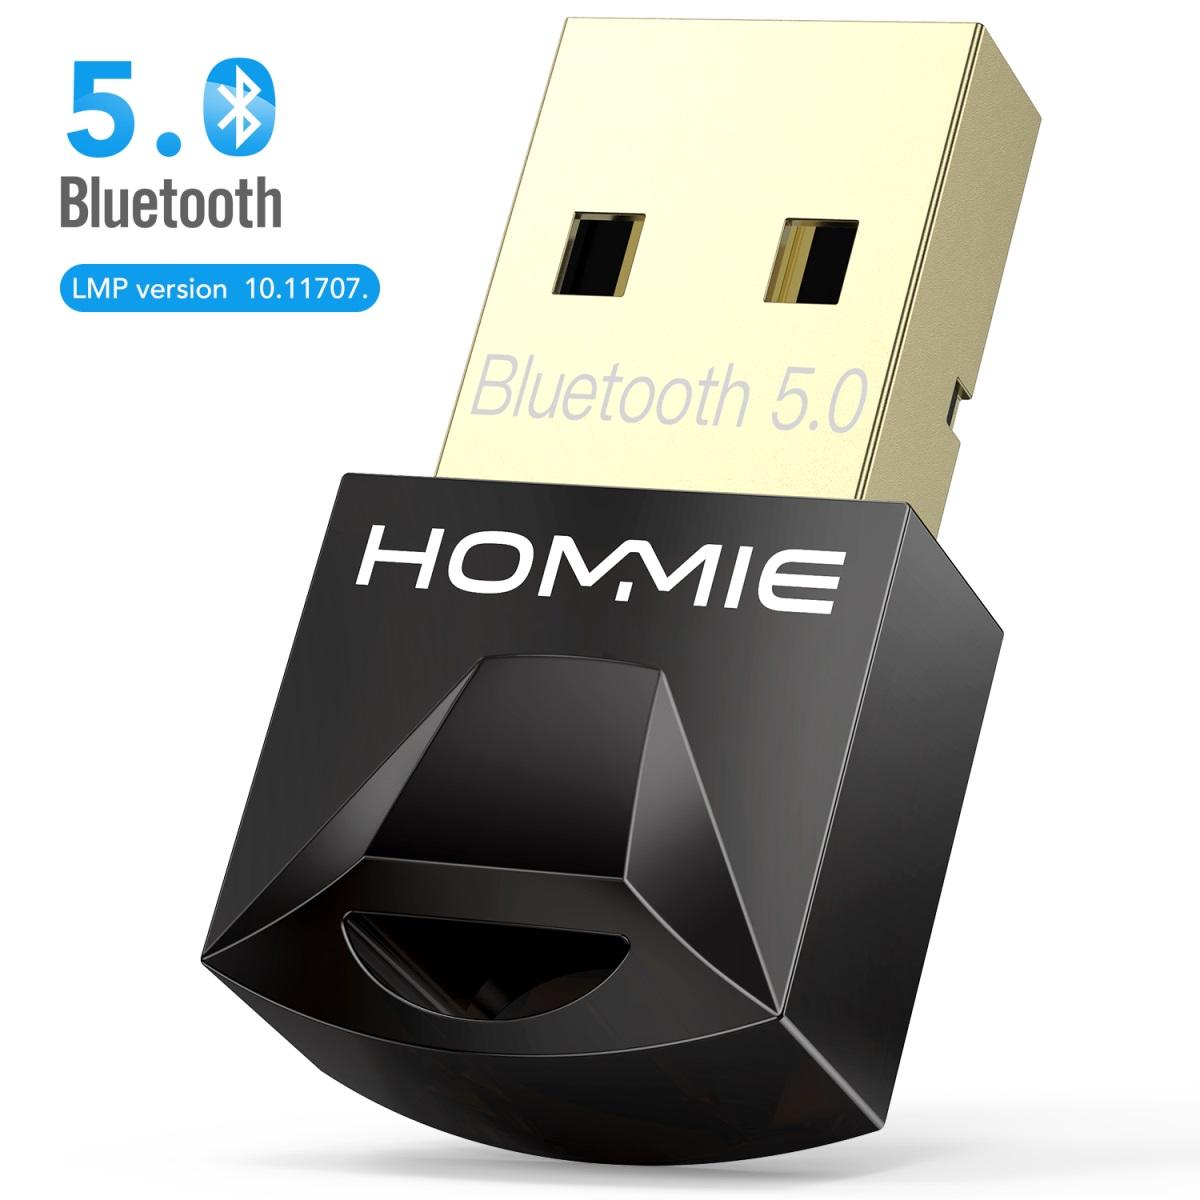 Ver5.0 Bluetoothアダプターでワイヤレス通信を簡単に追加 消費電力が約半分になる省エネ設計 最新版 Bluetooth 5.0 Bluetoothアダプター USBアダプタ 至高 ブルートゥース子機 bluetooth レシーバー パソコン PC ナノサイズ LE対応 対応 Windows10対応 USB apt-x EDR 省電力 アダプタ Dongle Class2 apt-X 評価 ドングル 超小型